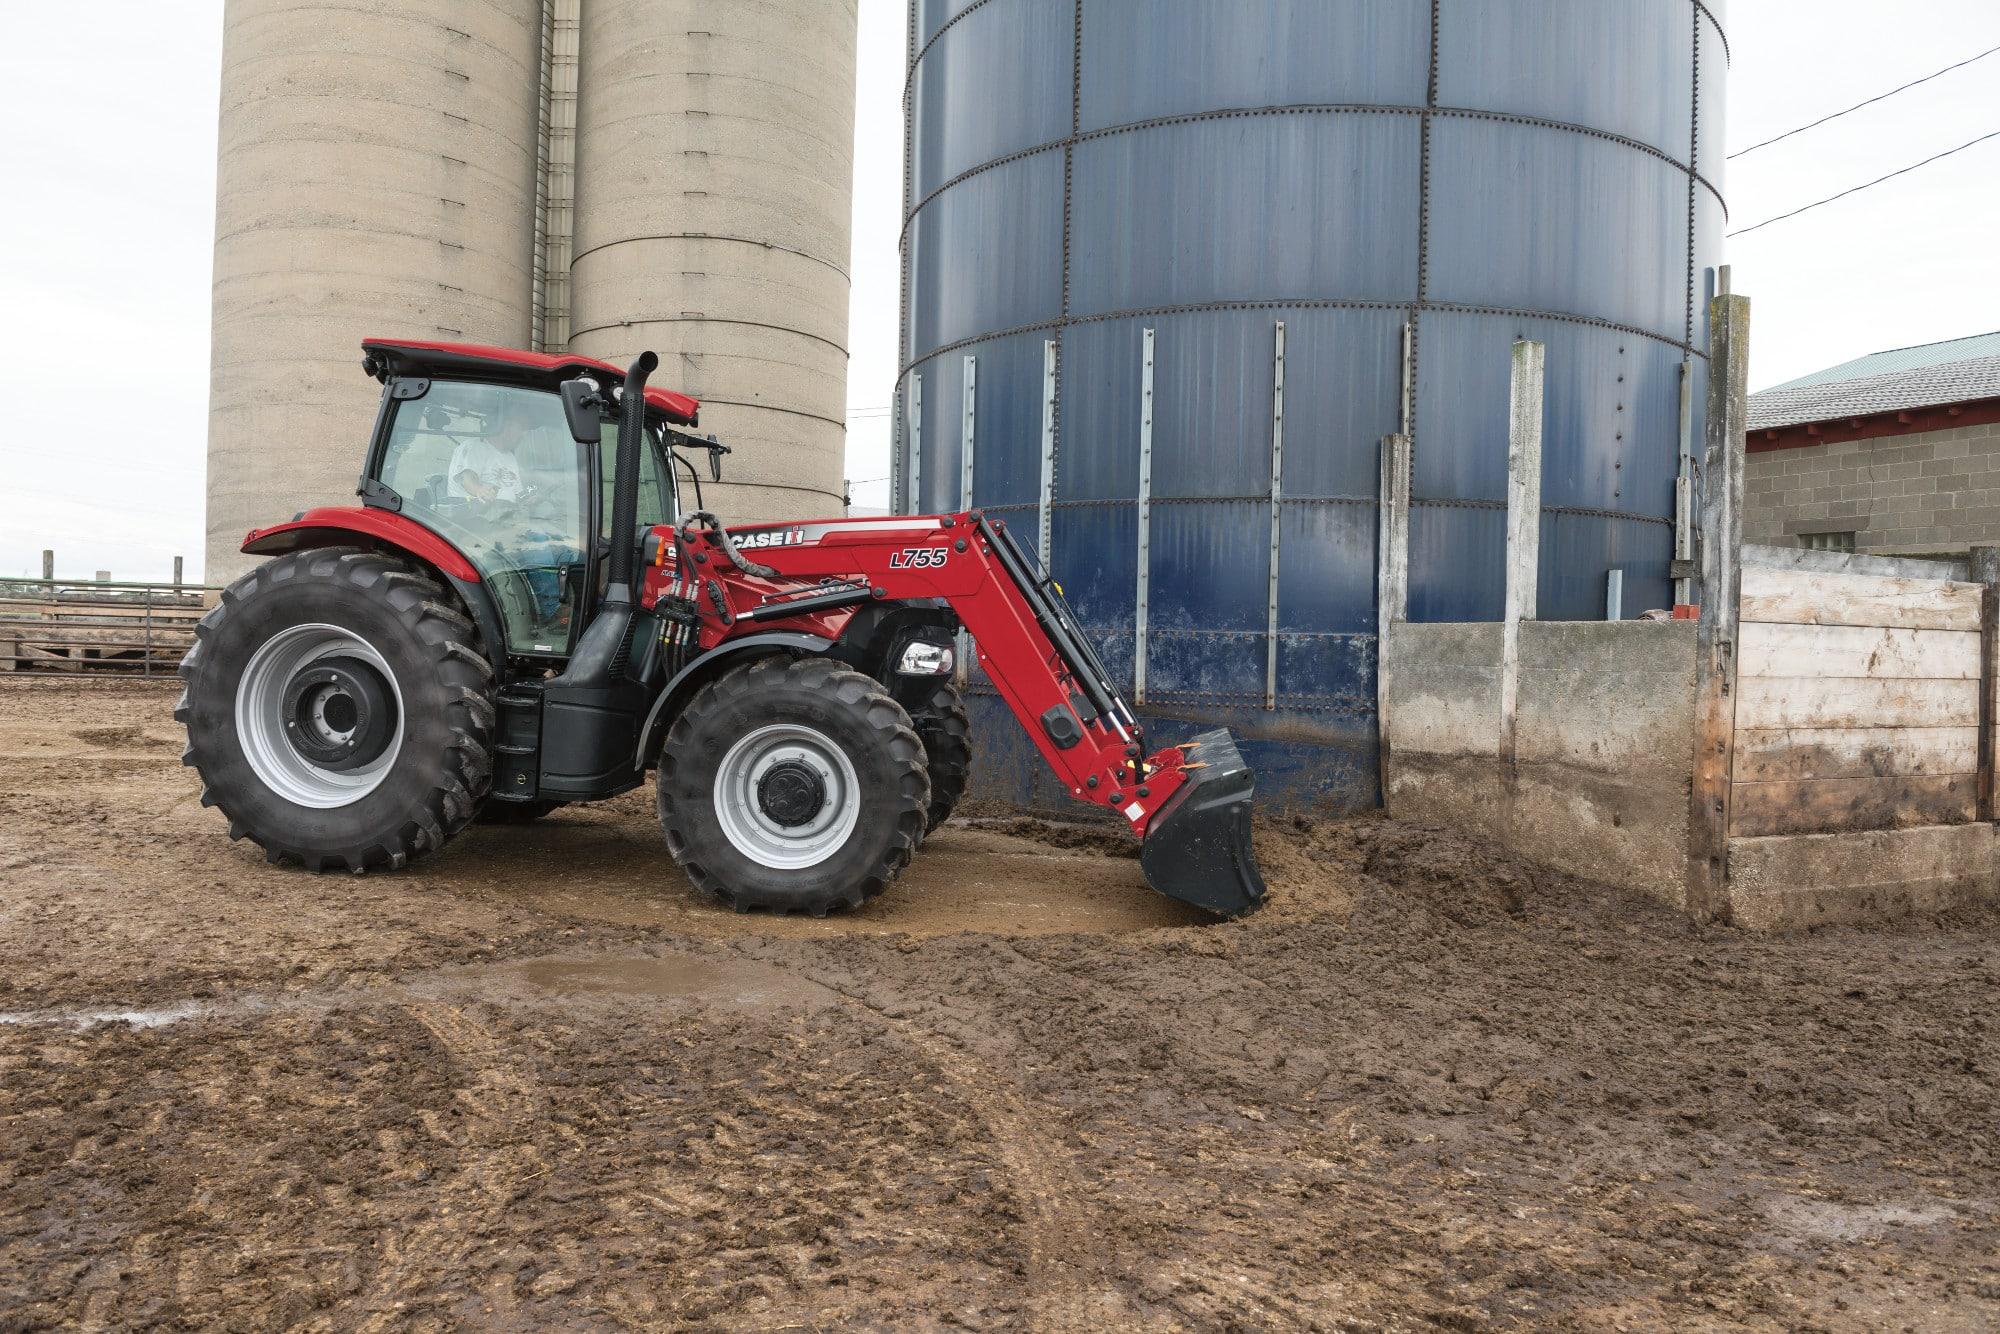 Maxxum 135 CVT_L755_1259_08 15?width=410&height=171 l705 series loaders farm loaders case ih